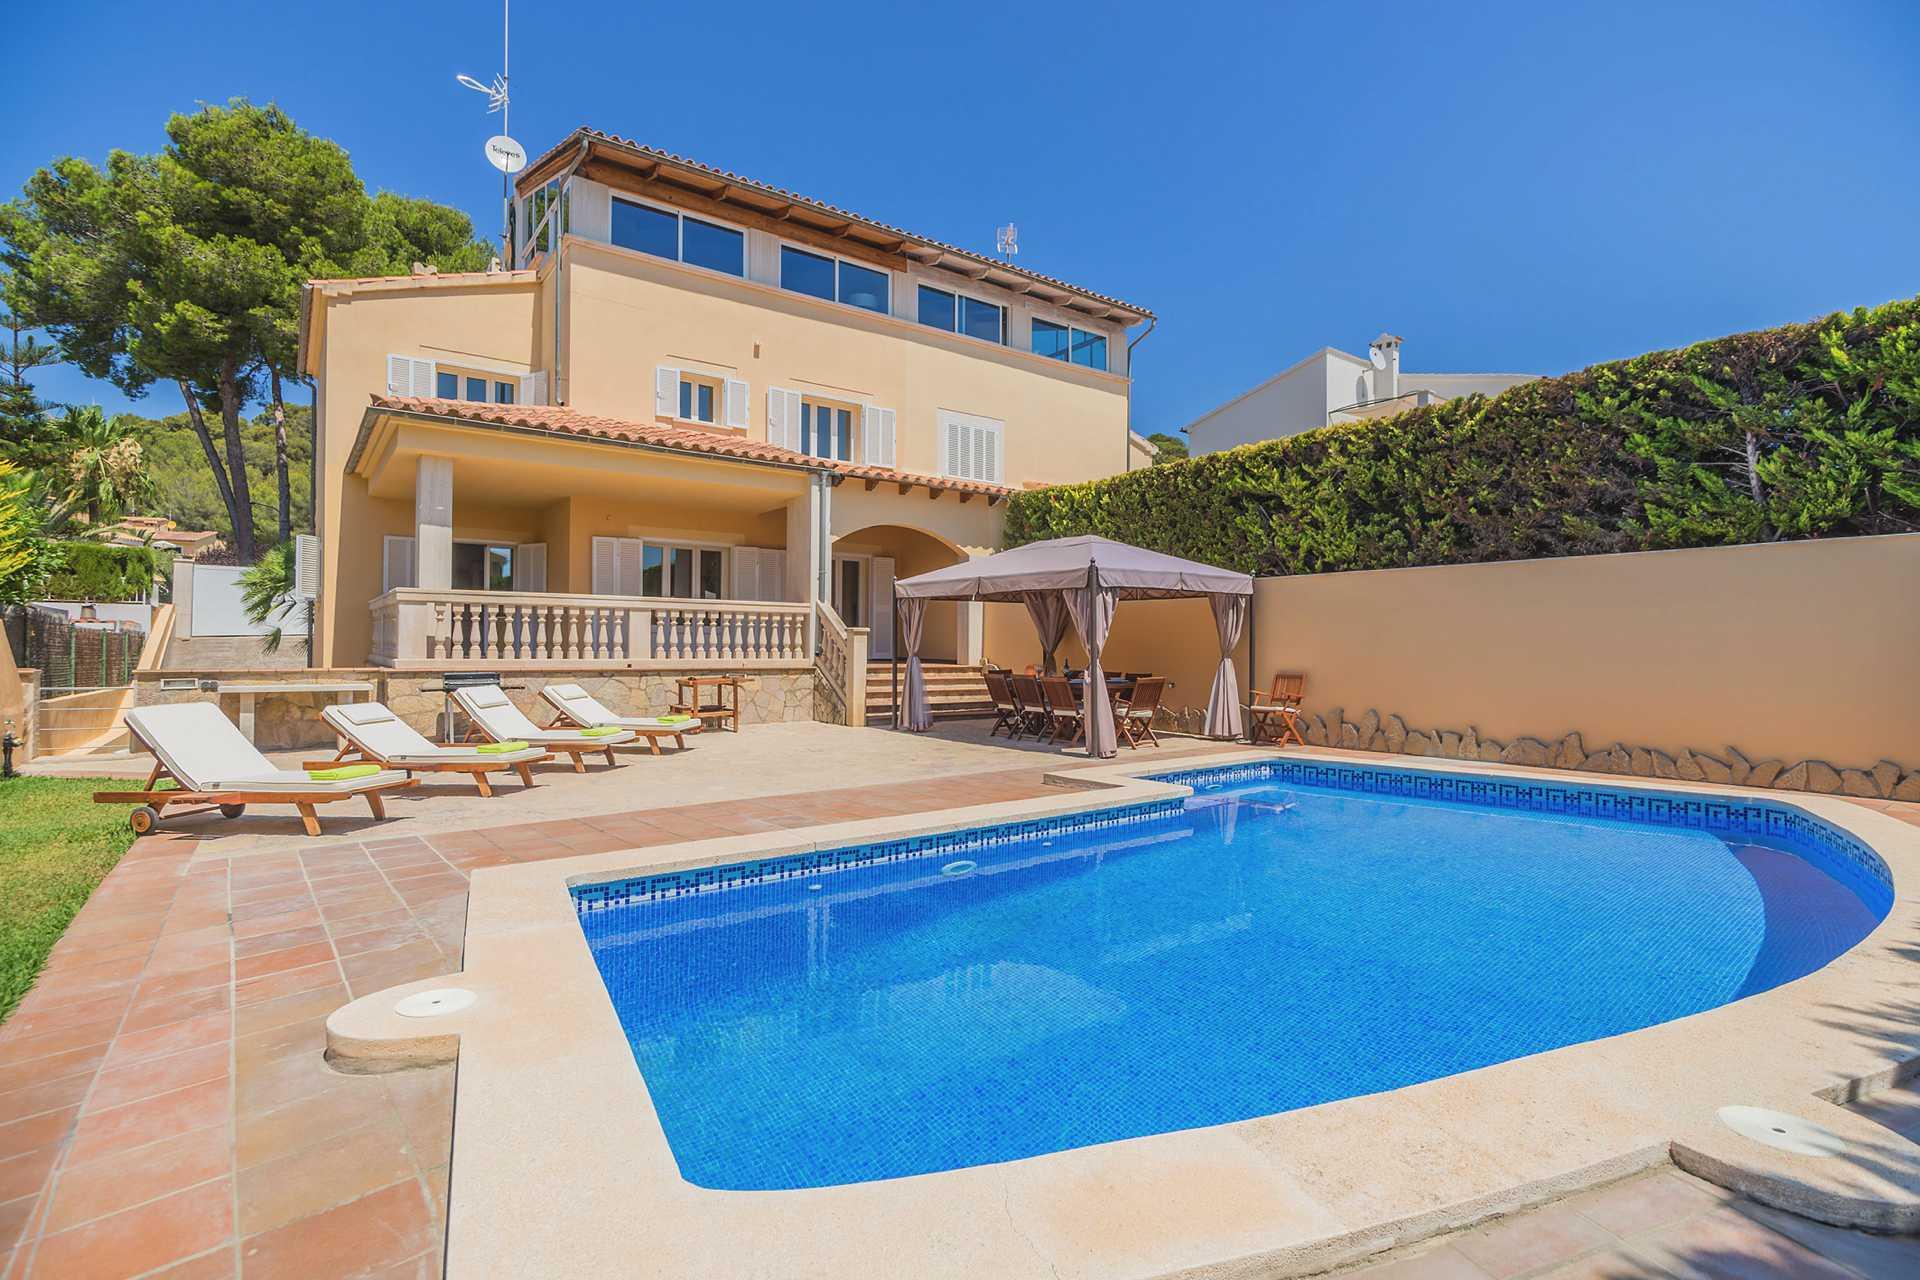 01-298 Golfplatz Chalet Mallorca Norden Bild 2